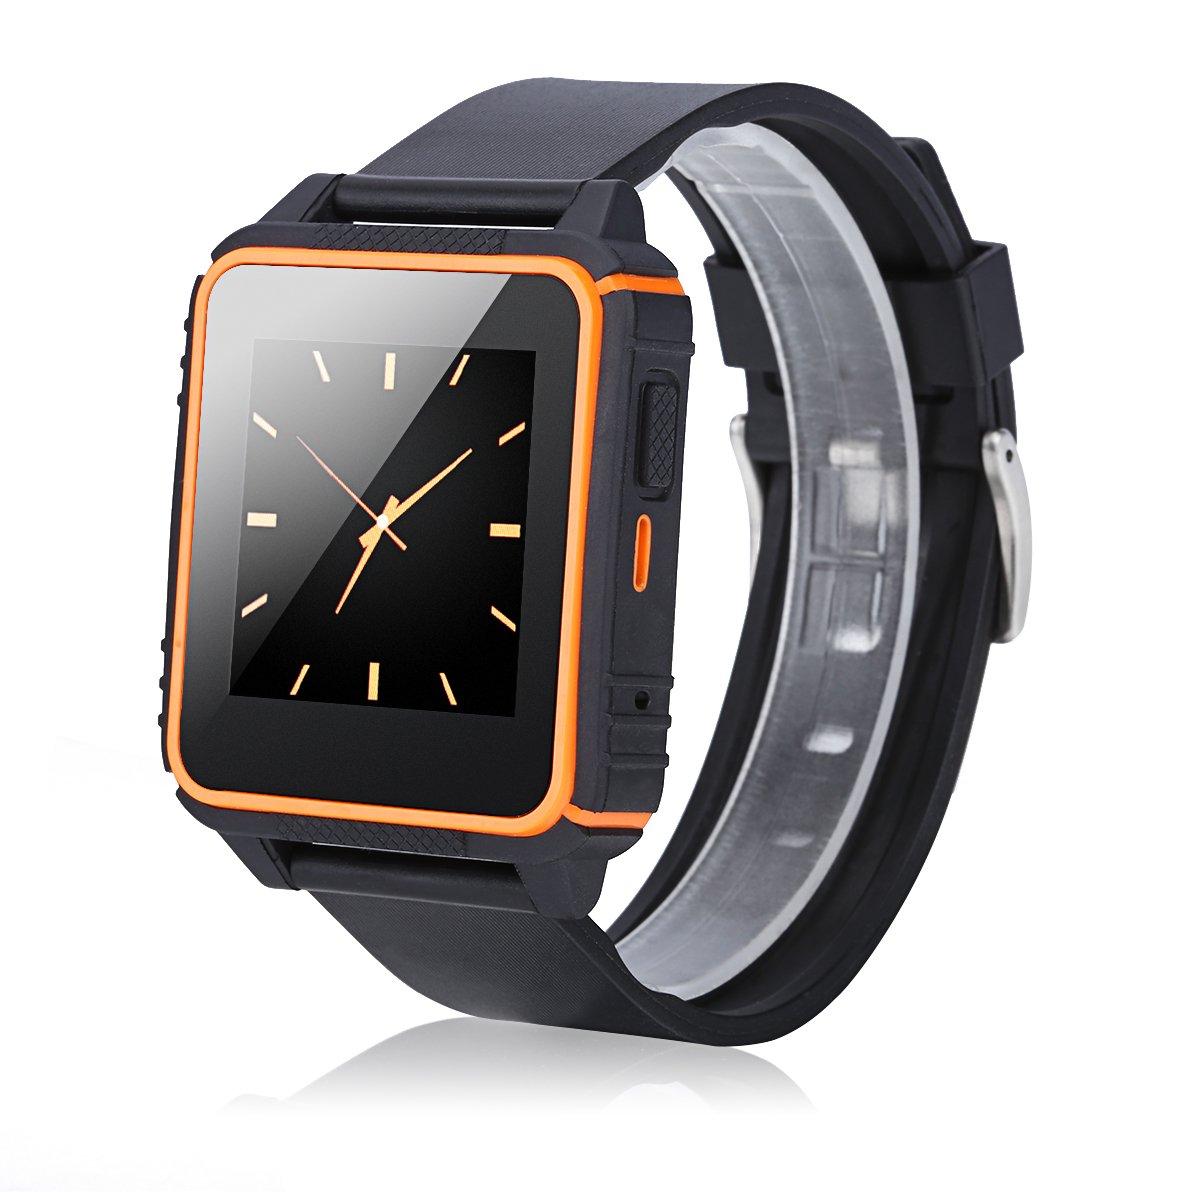 Excelvan W08 - Smartwatch Reloj para Smartphone (SIM, Llamada ...